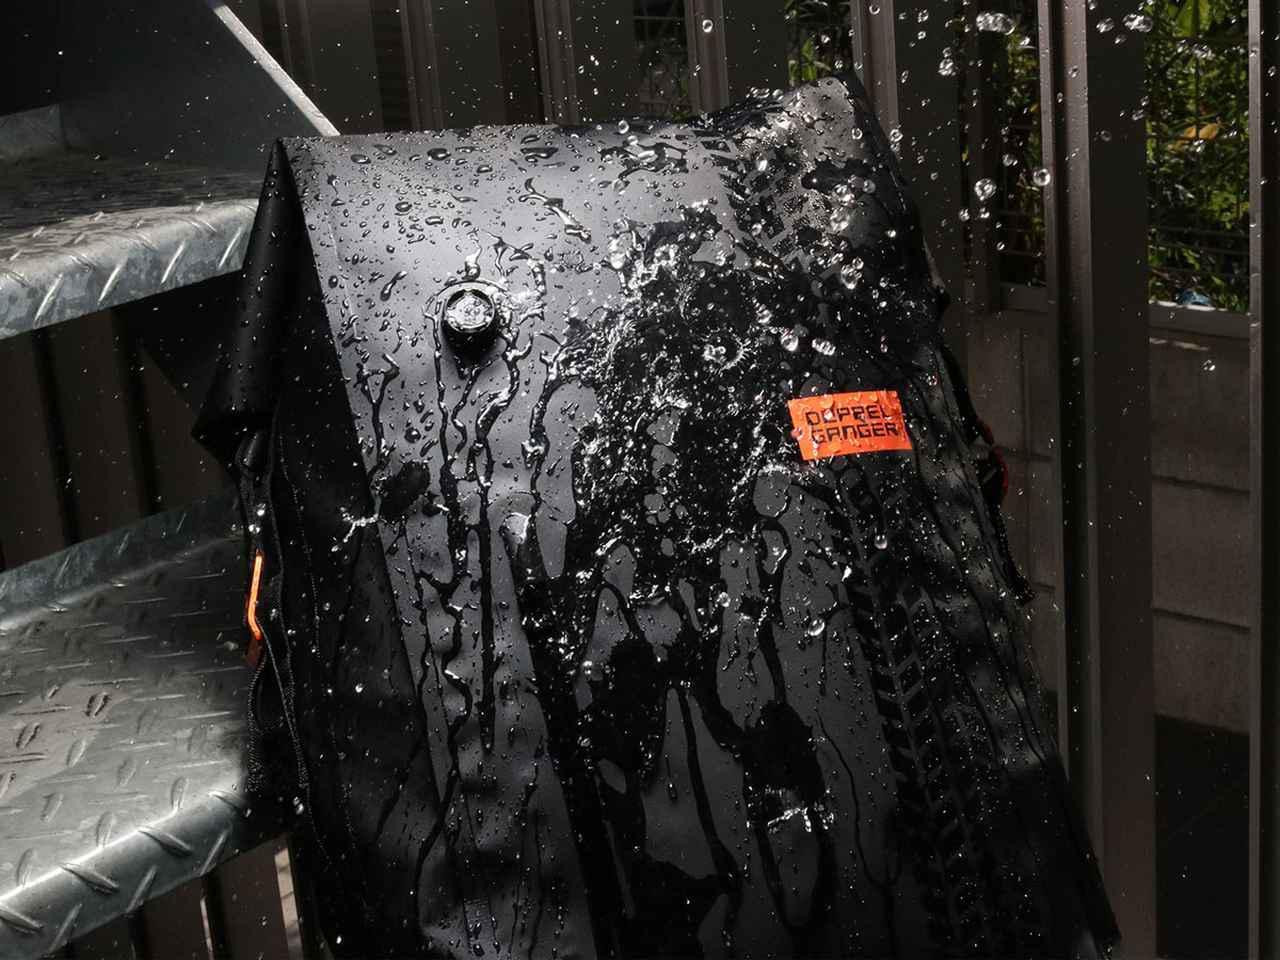 画像: ターポリンバッグシリーズ共通の高い防水性能はしっかり継承。熱圧着によって成形されたシームレス構造で、突然の雨や泥水から大事な荷物を守ります。